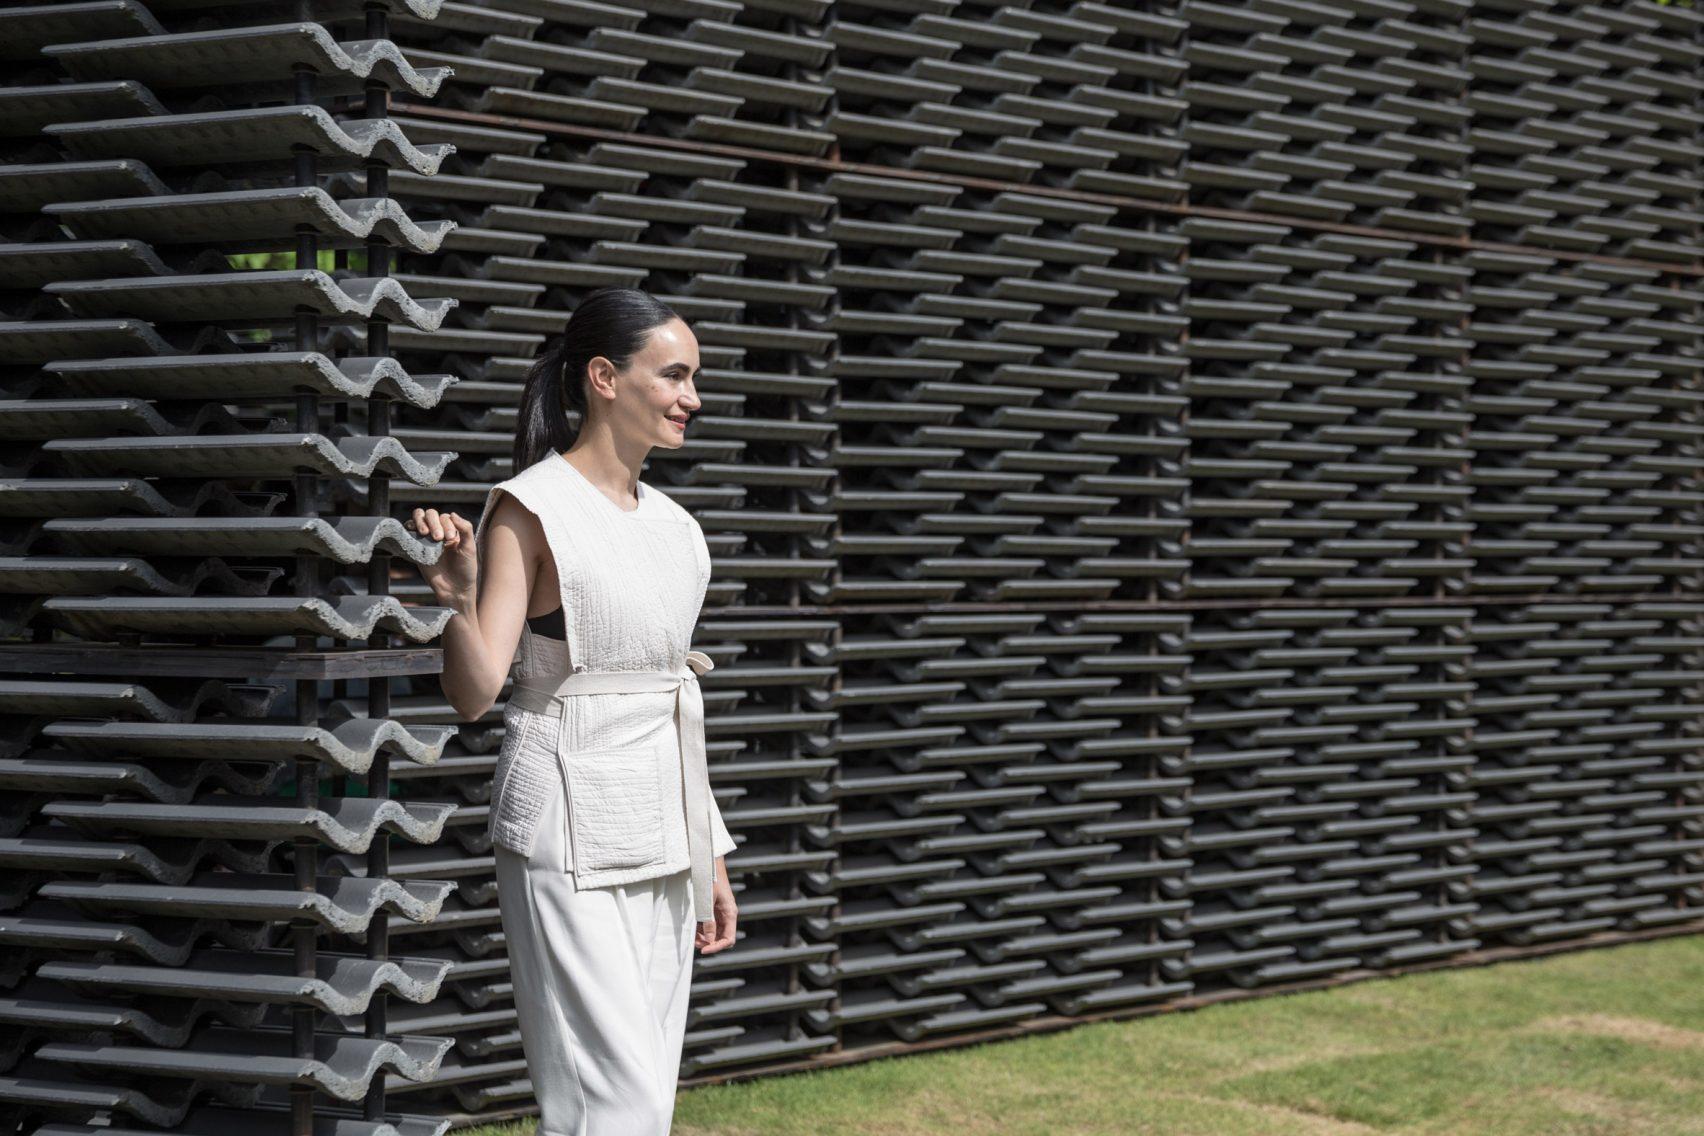 El Pabellón de la Serpentine diseñado por Frida Escobedo, abre sus puertas